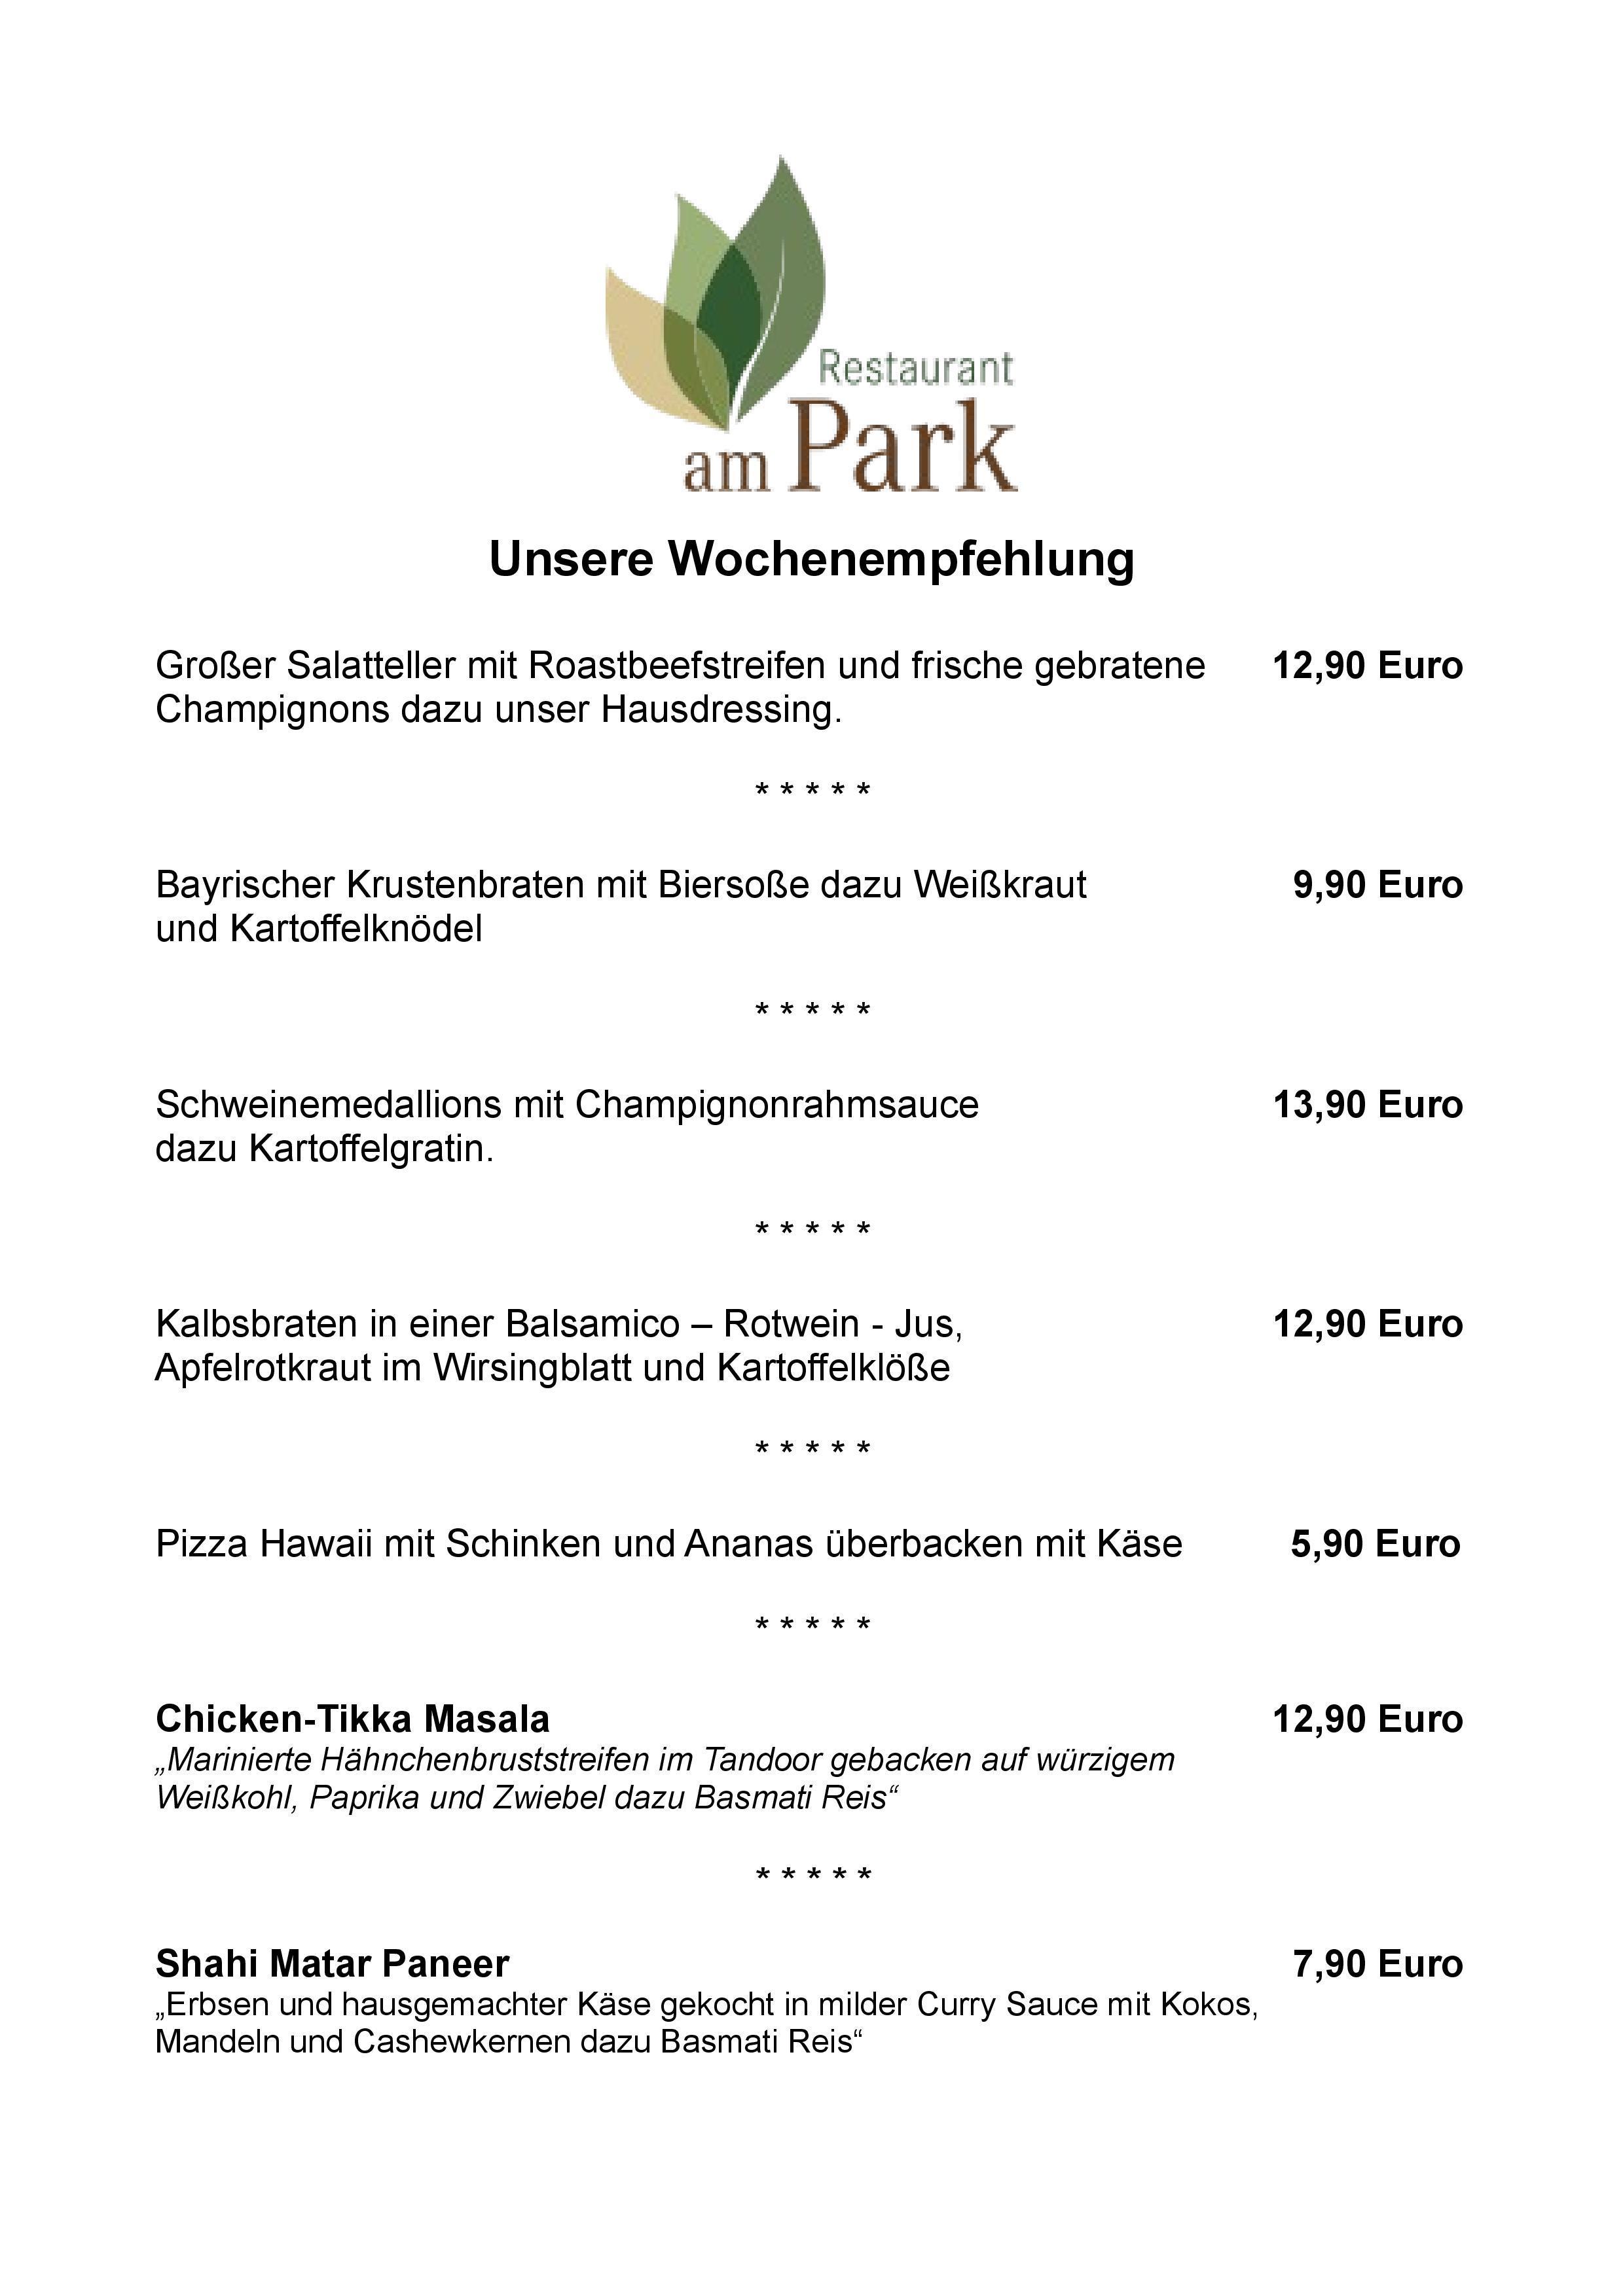 Restaurant am Park - Wochenkarte 30.11.2015 - 06.12.2015-page-001